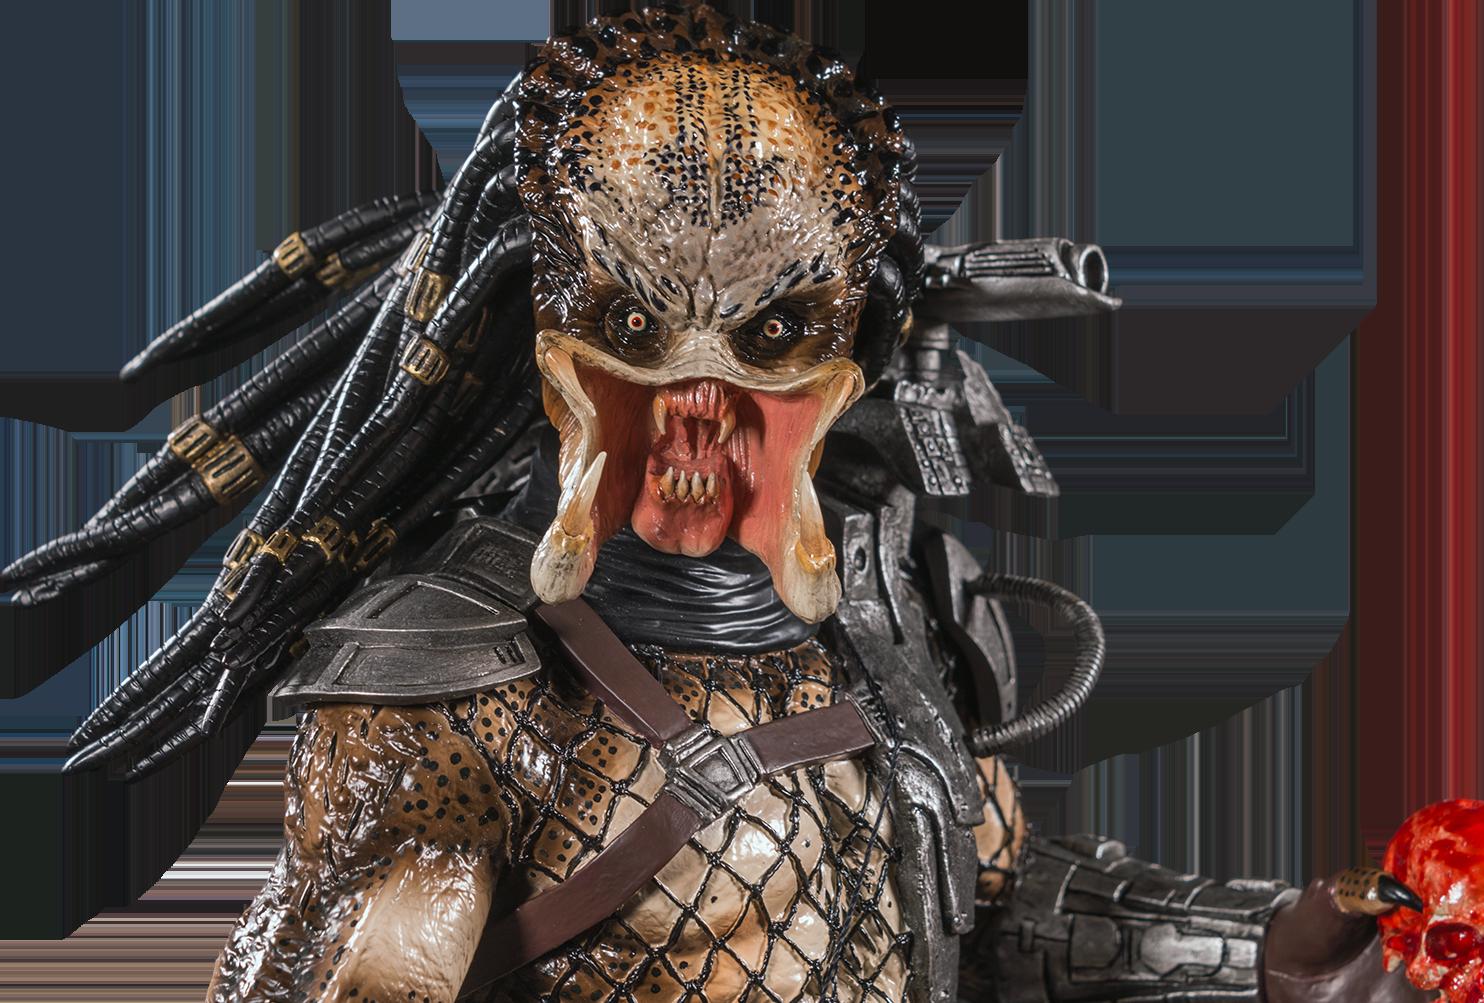 IKO0965-Predator-Statue-15.png